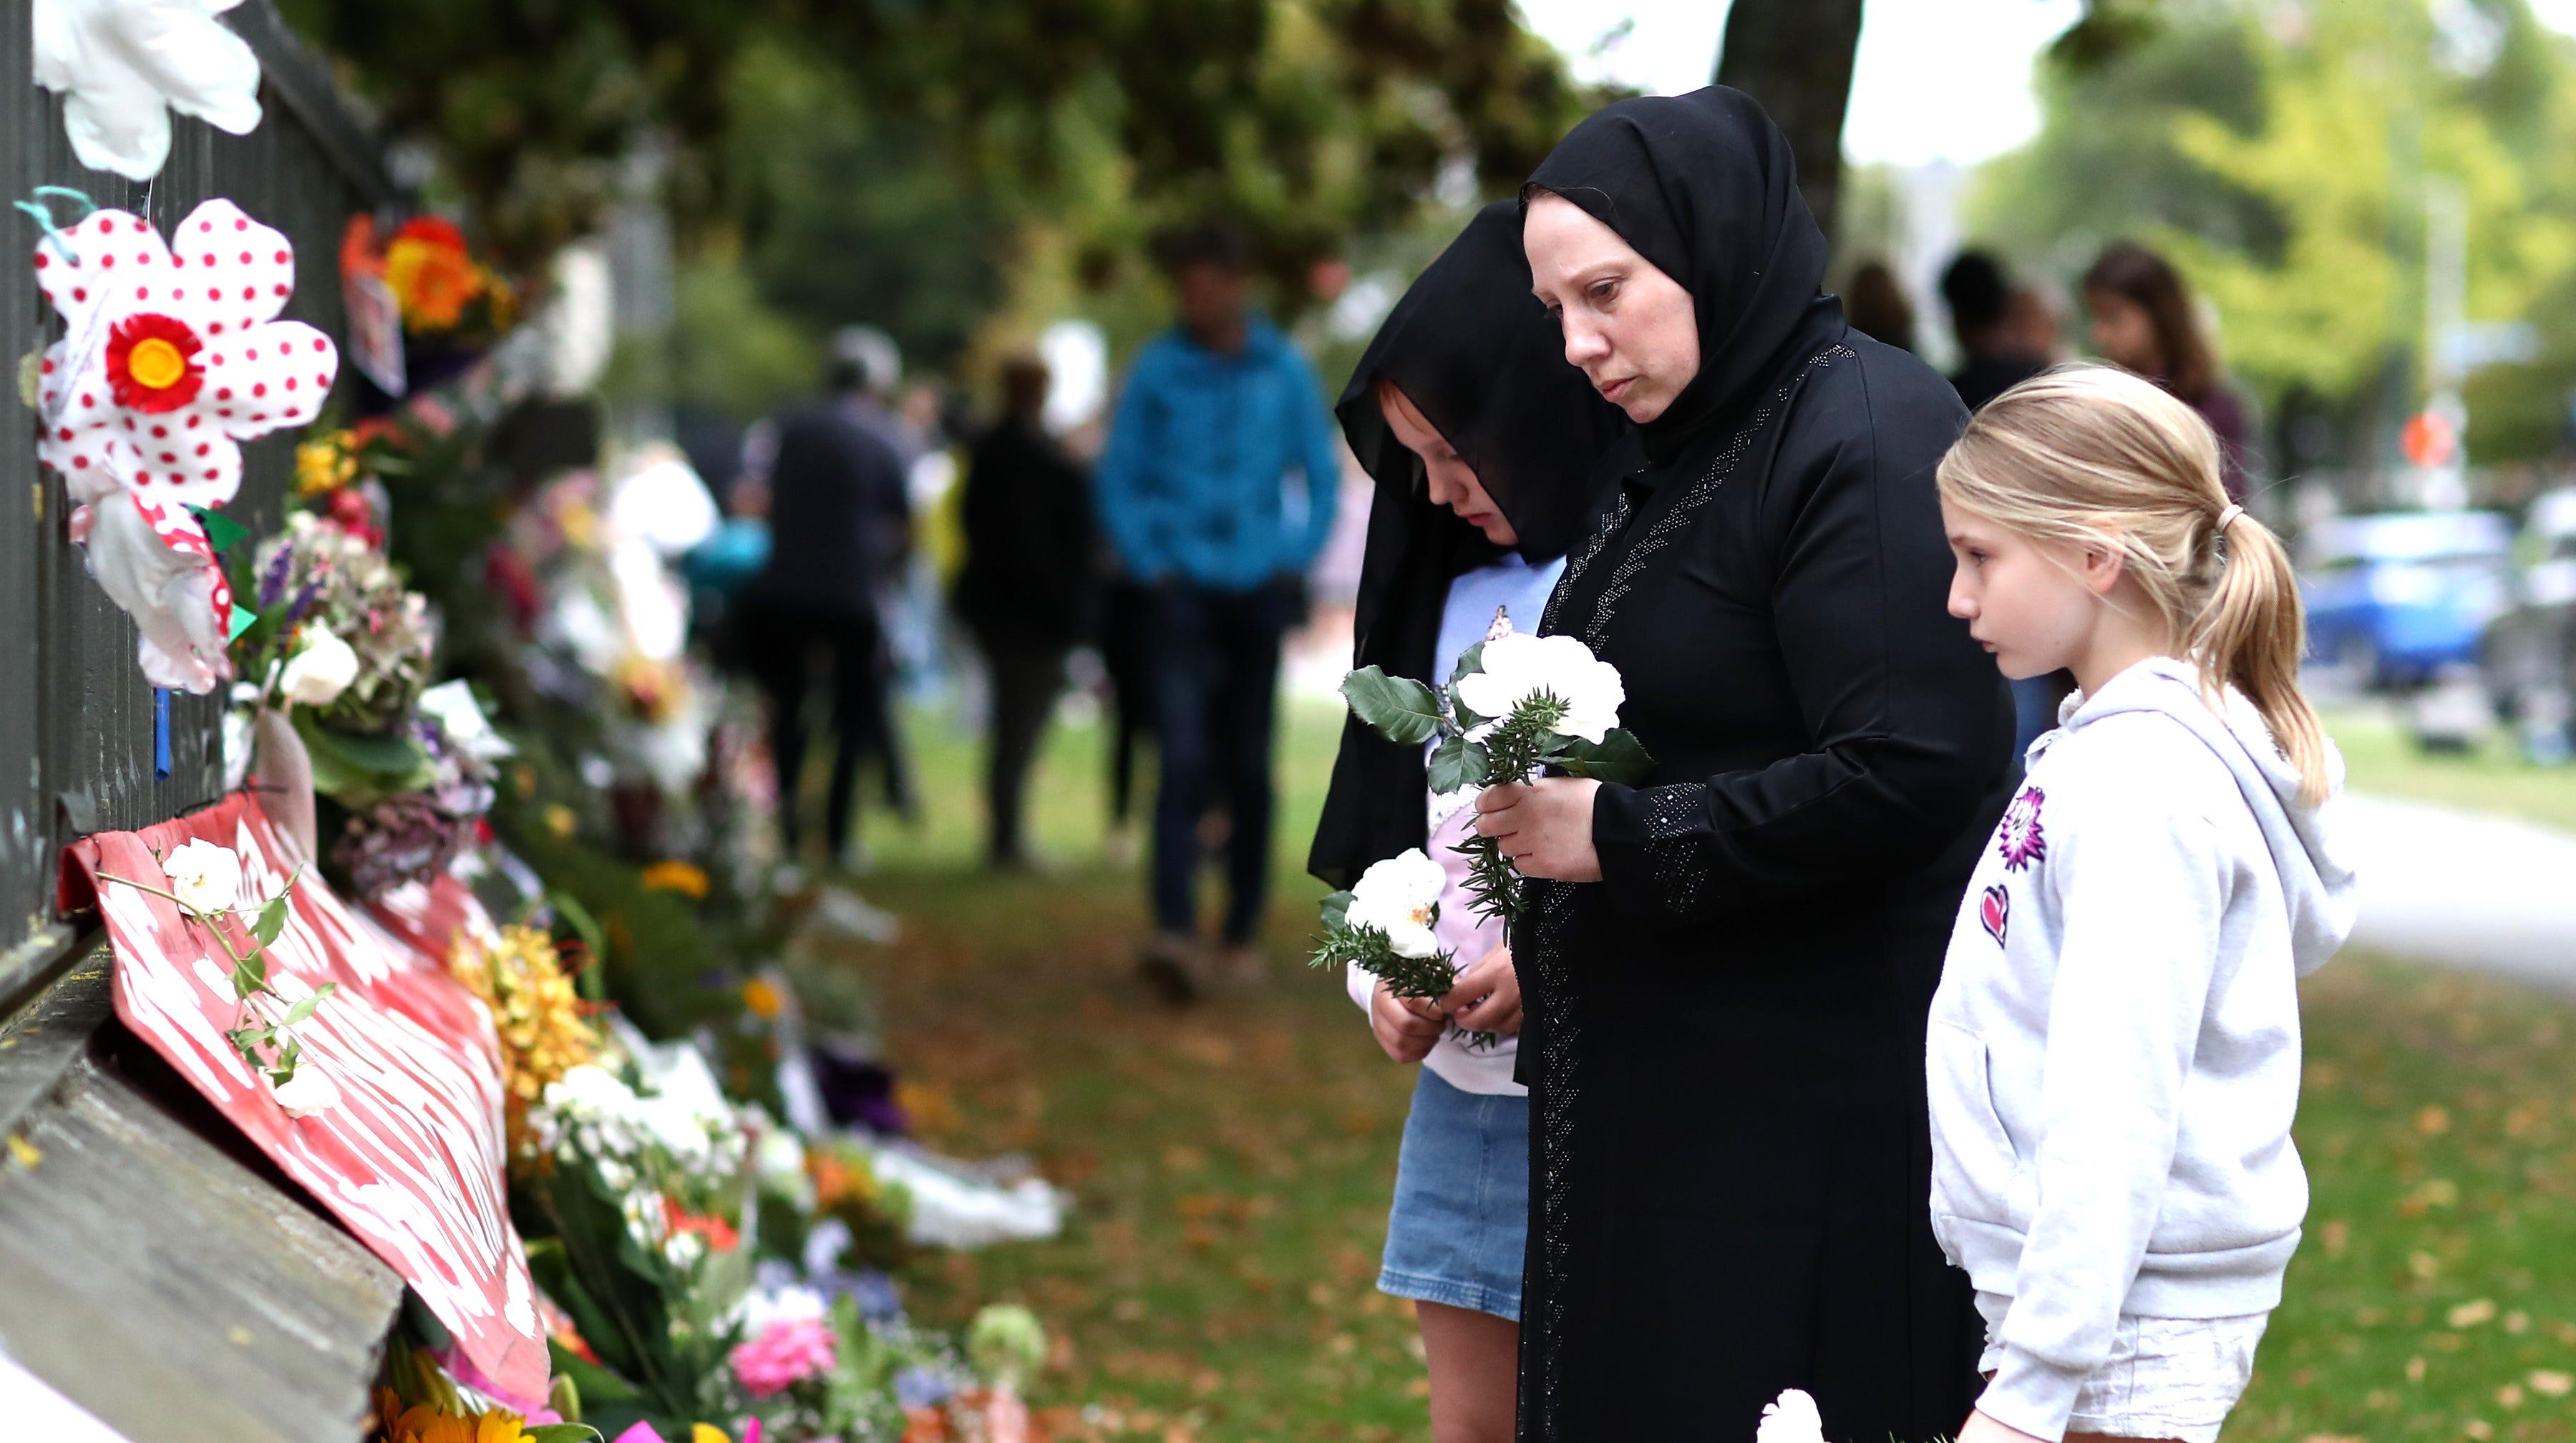 Gunman Christchurch Pinterest: New Zealand Christchurch Attack: Jacinda Ardern Vows